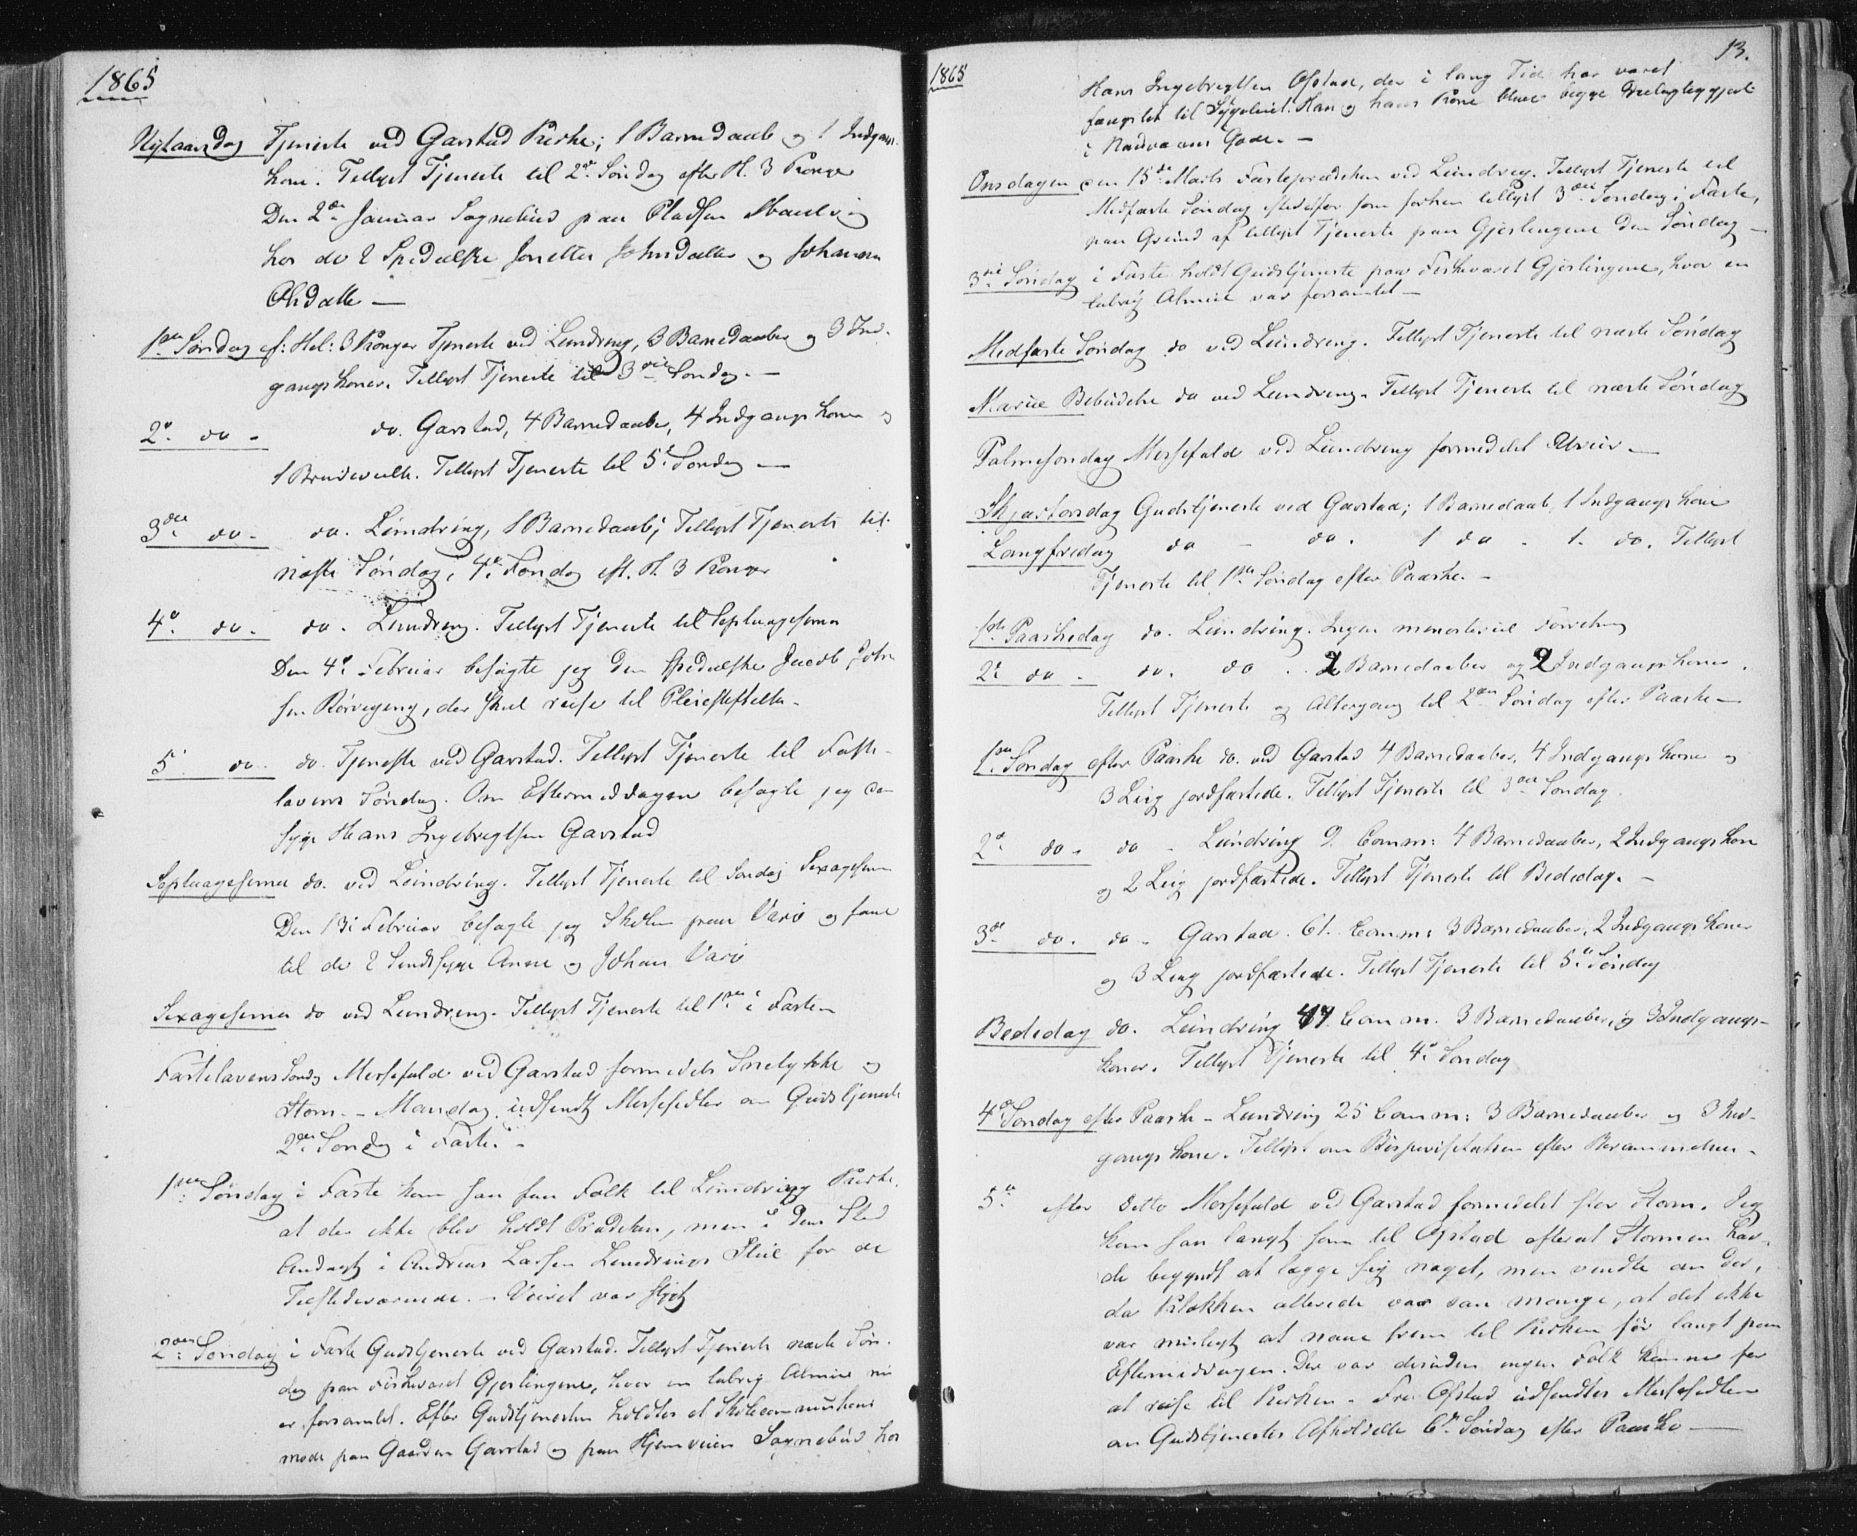 SAT, Ministerialprotokoller, klokkerbøker og fødselsregistre - Nord-Trøndelag, 784/L0670: Ministerialbok nr. 784A05, 1860-1876, s. 13